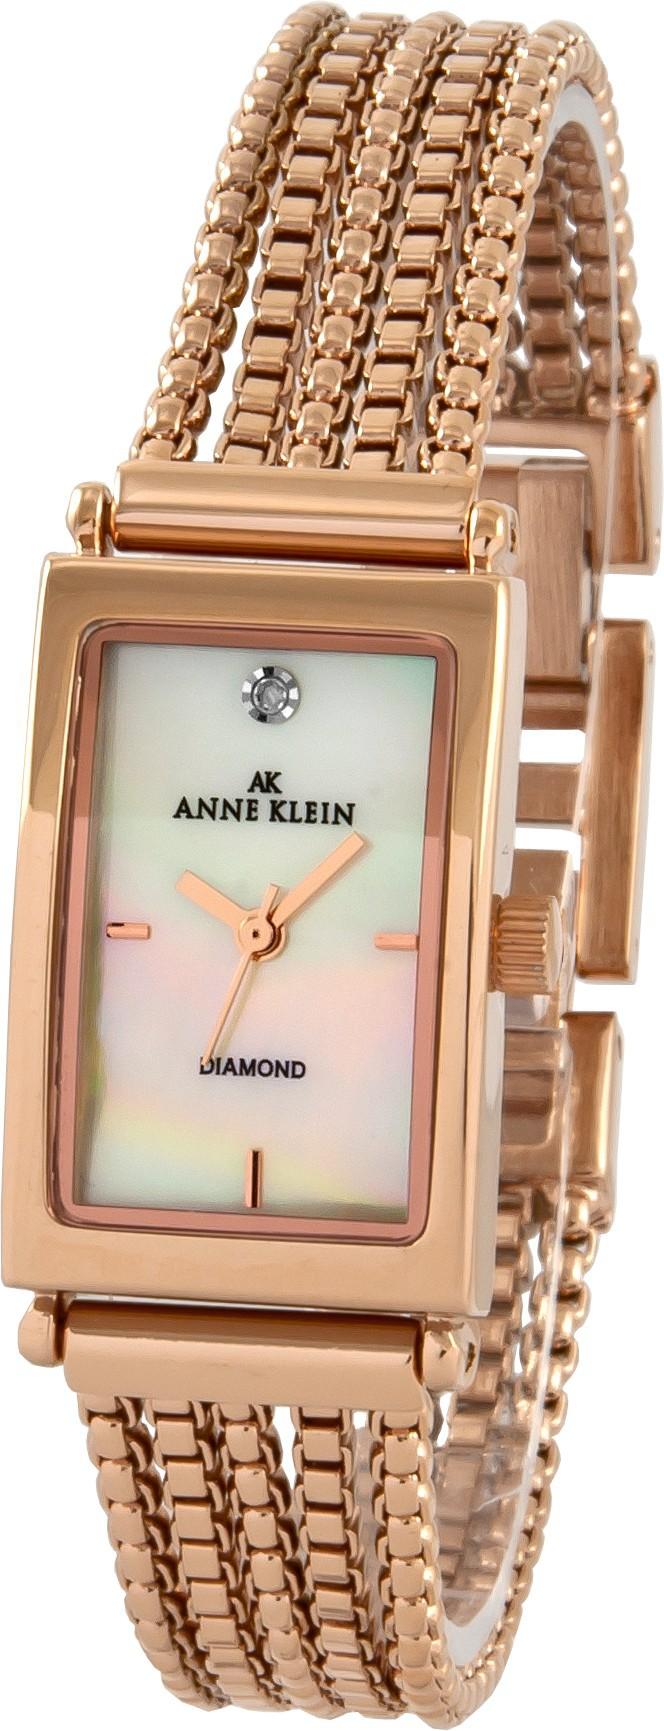 нужный парфюм часы anne klein diamond отзывы встречаются женщины